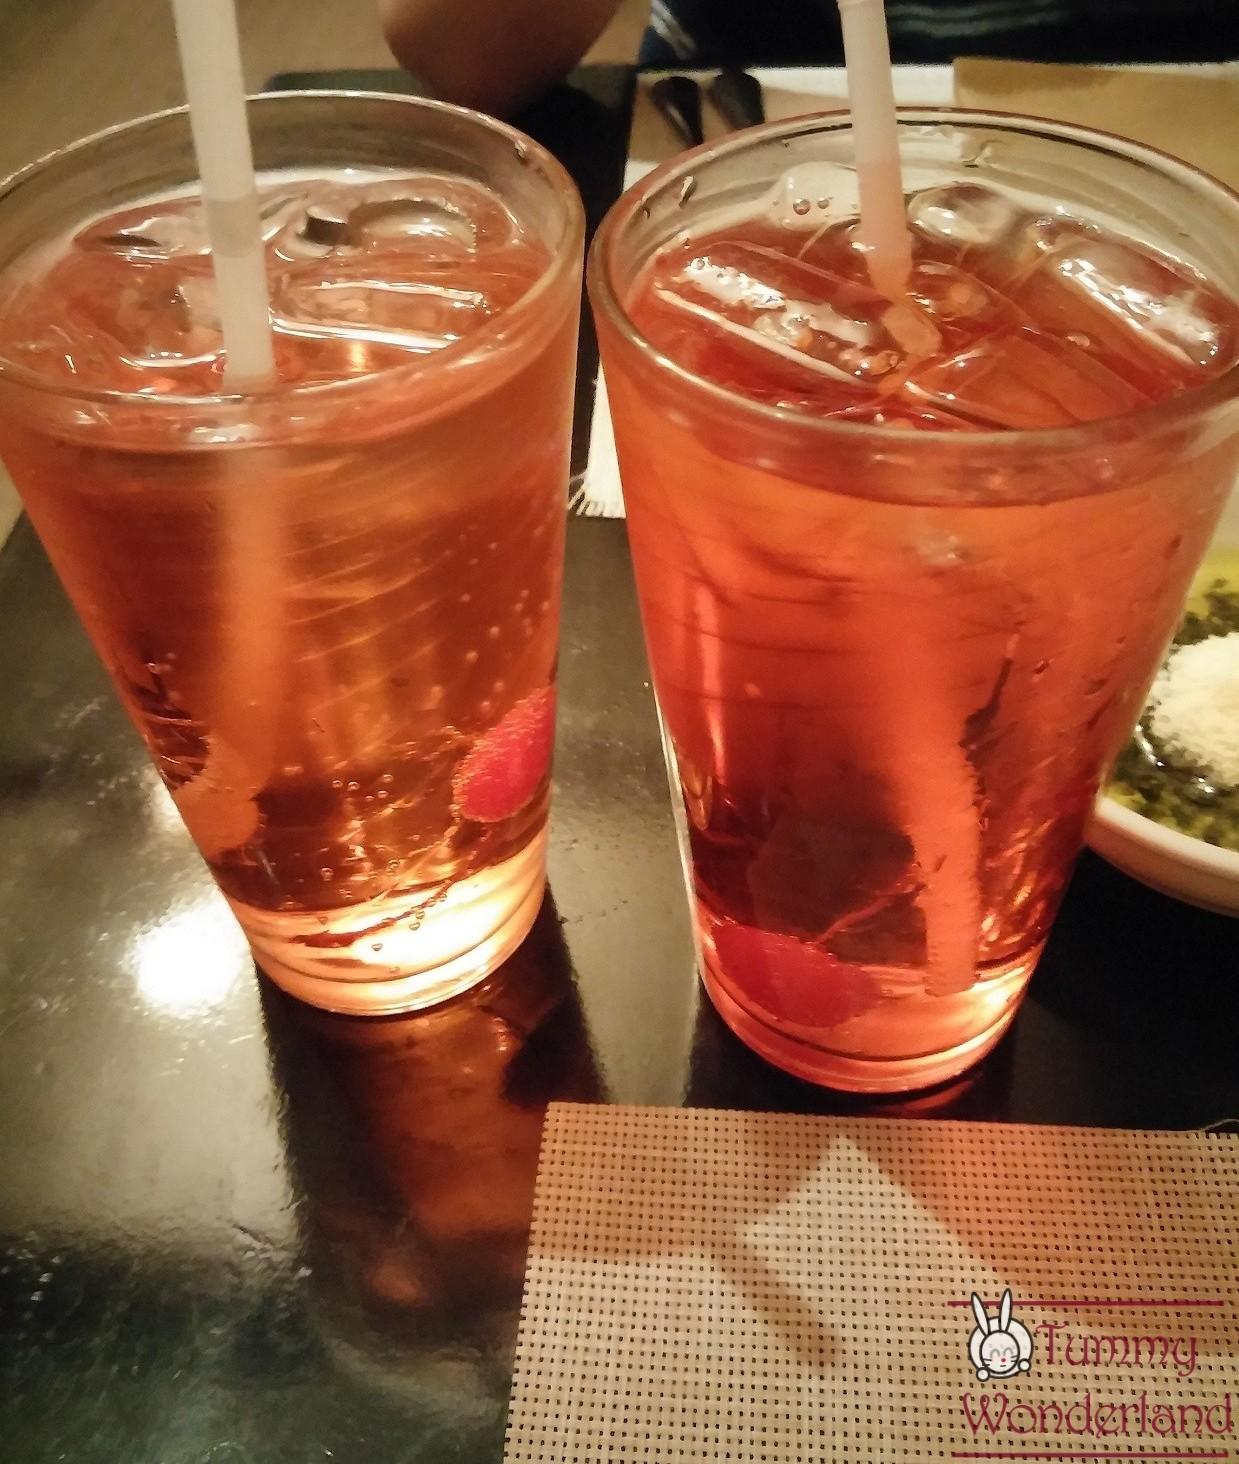 C Italian Dining_soda